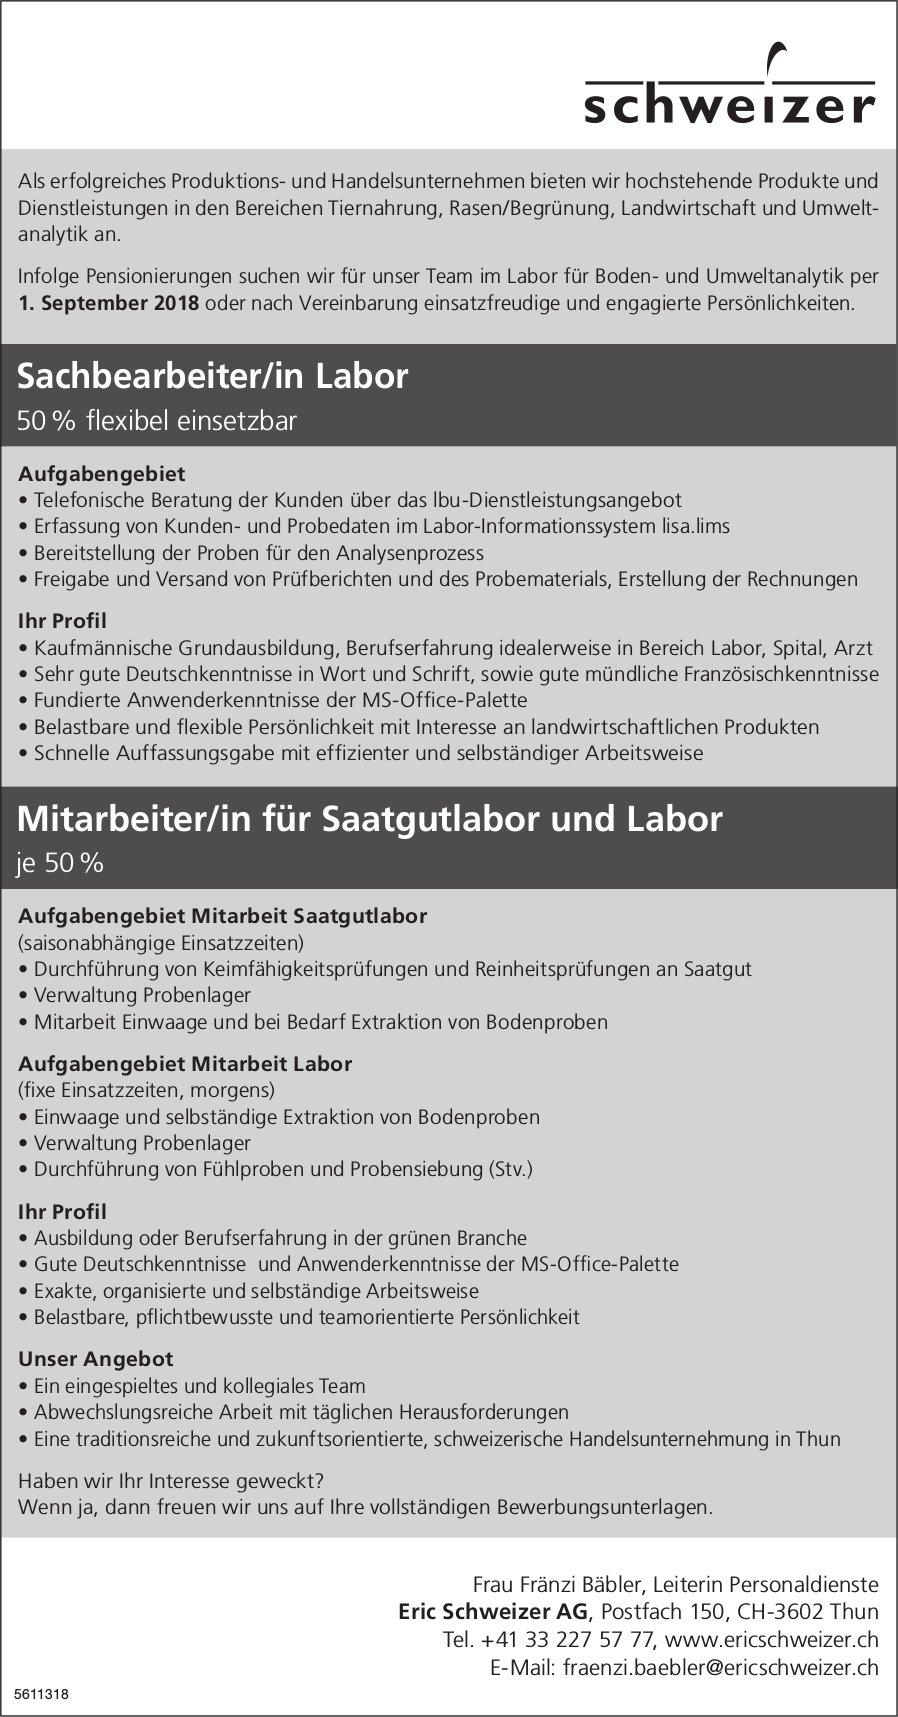 Sachbearbeiter/in Labor & Mitarbeiter/in für Saatgutlabor & Labor, Eric Schweizer AG, Thun, gesucht